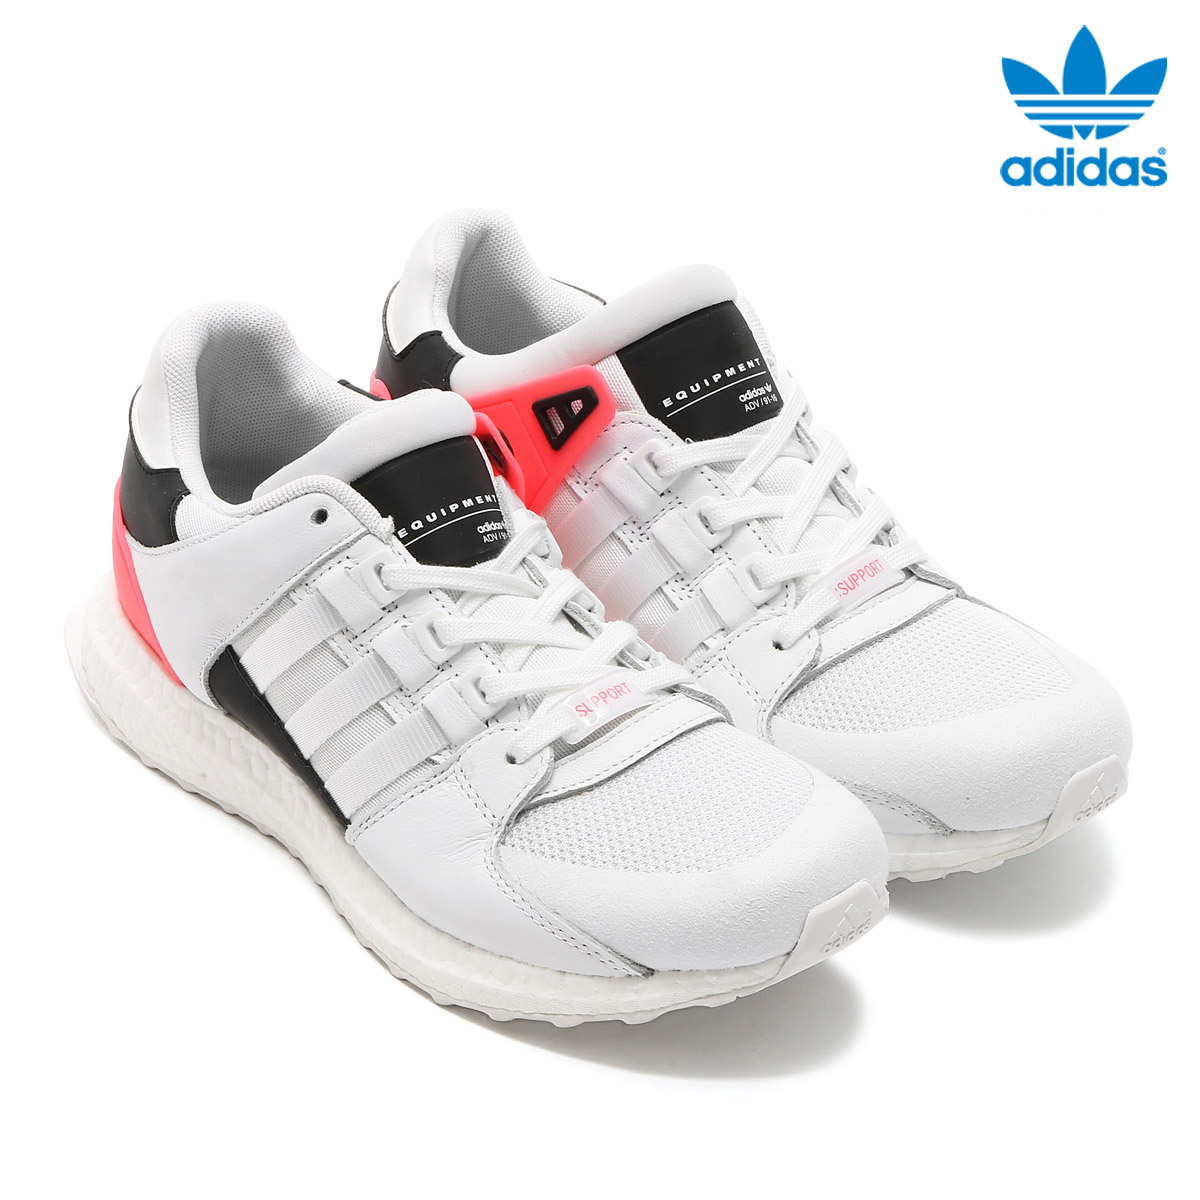 adidas Originals EQT SUPPORT ULT(アディダス オリジナルス エキップメント サポート)(Running White/Running White/Turbo)【メンズサイズ】17SS-I